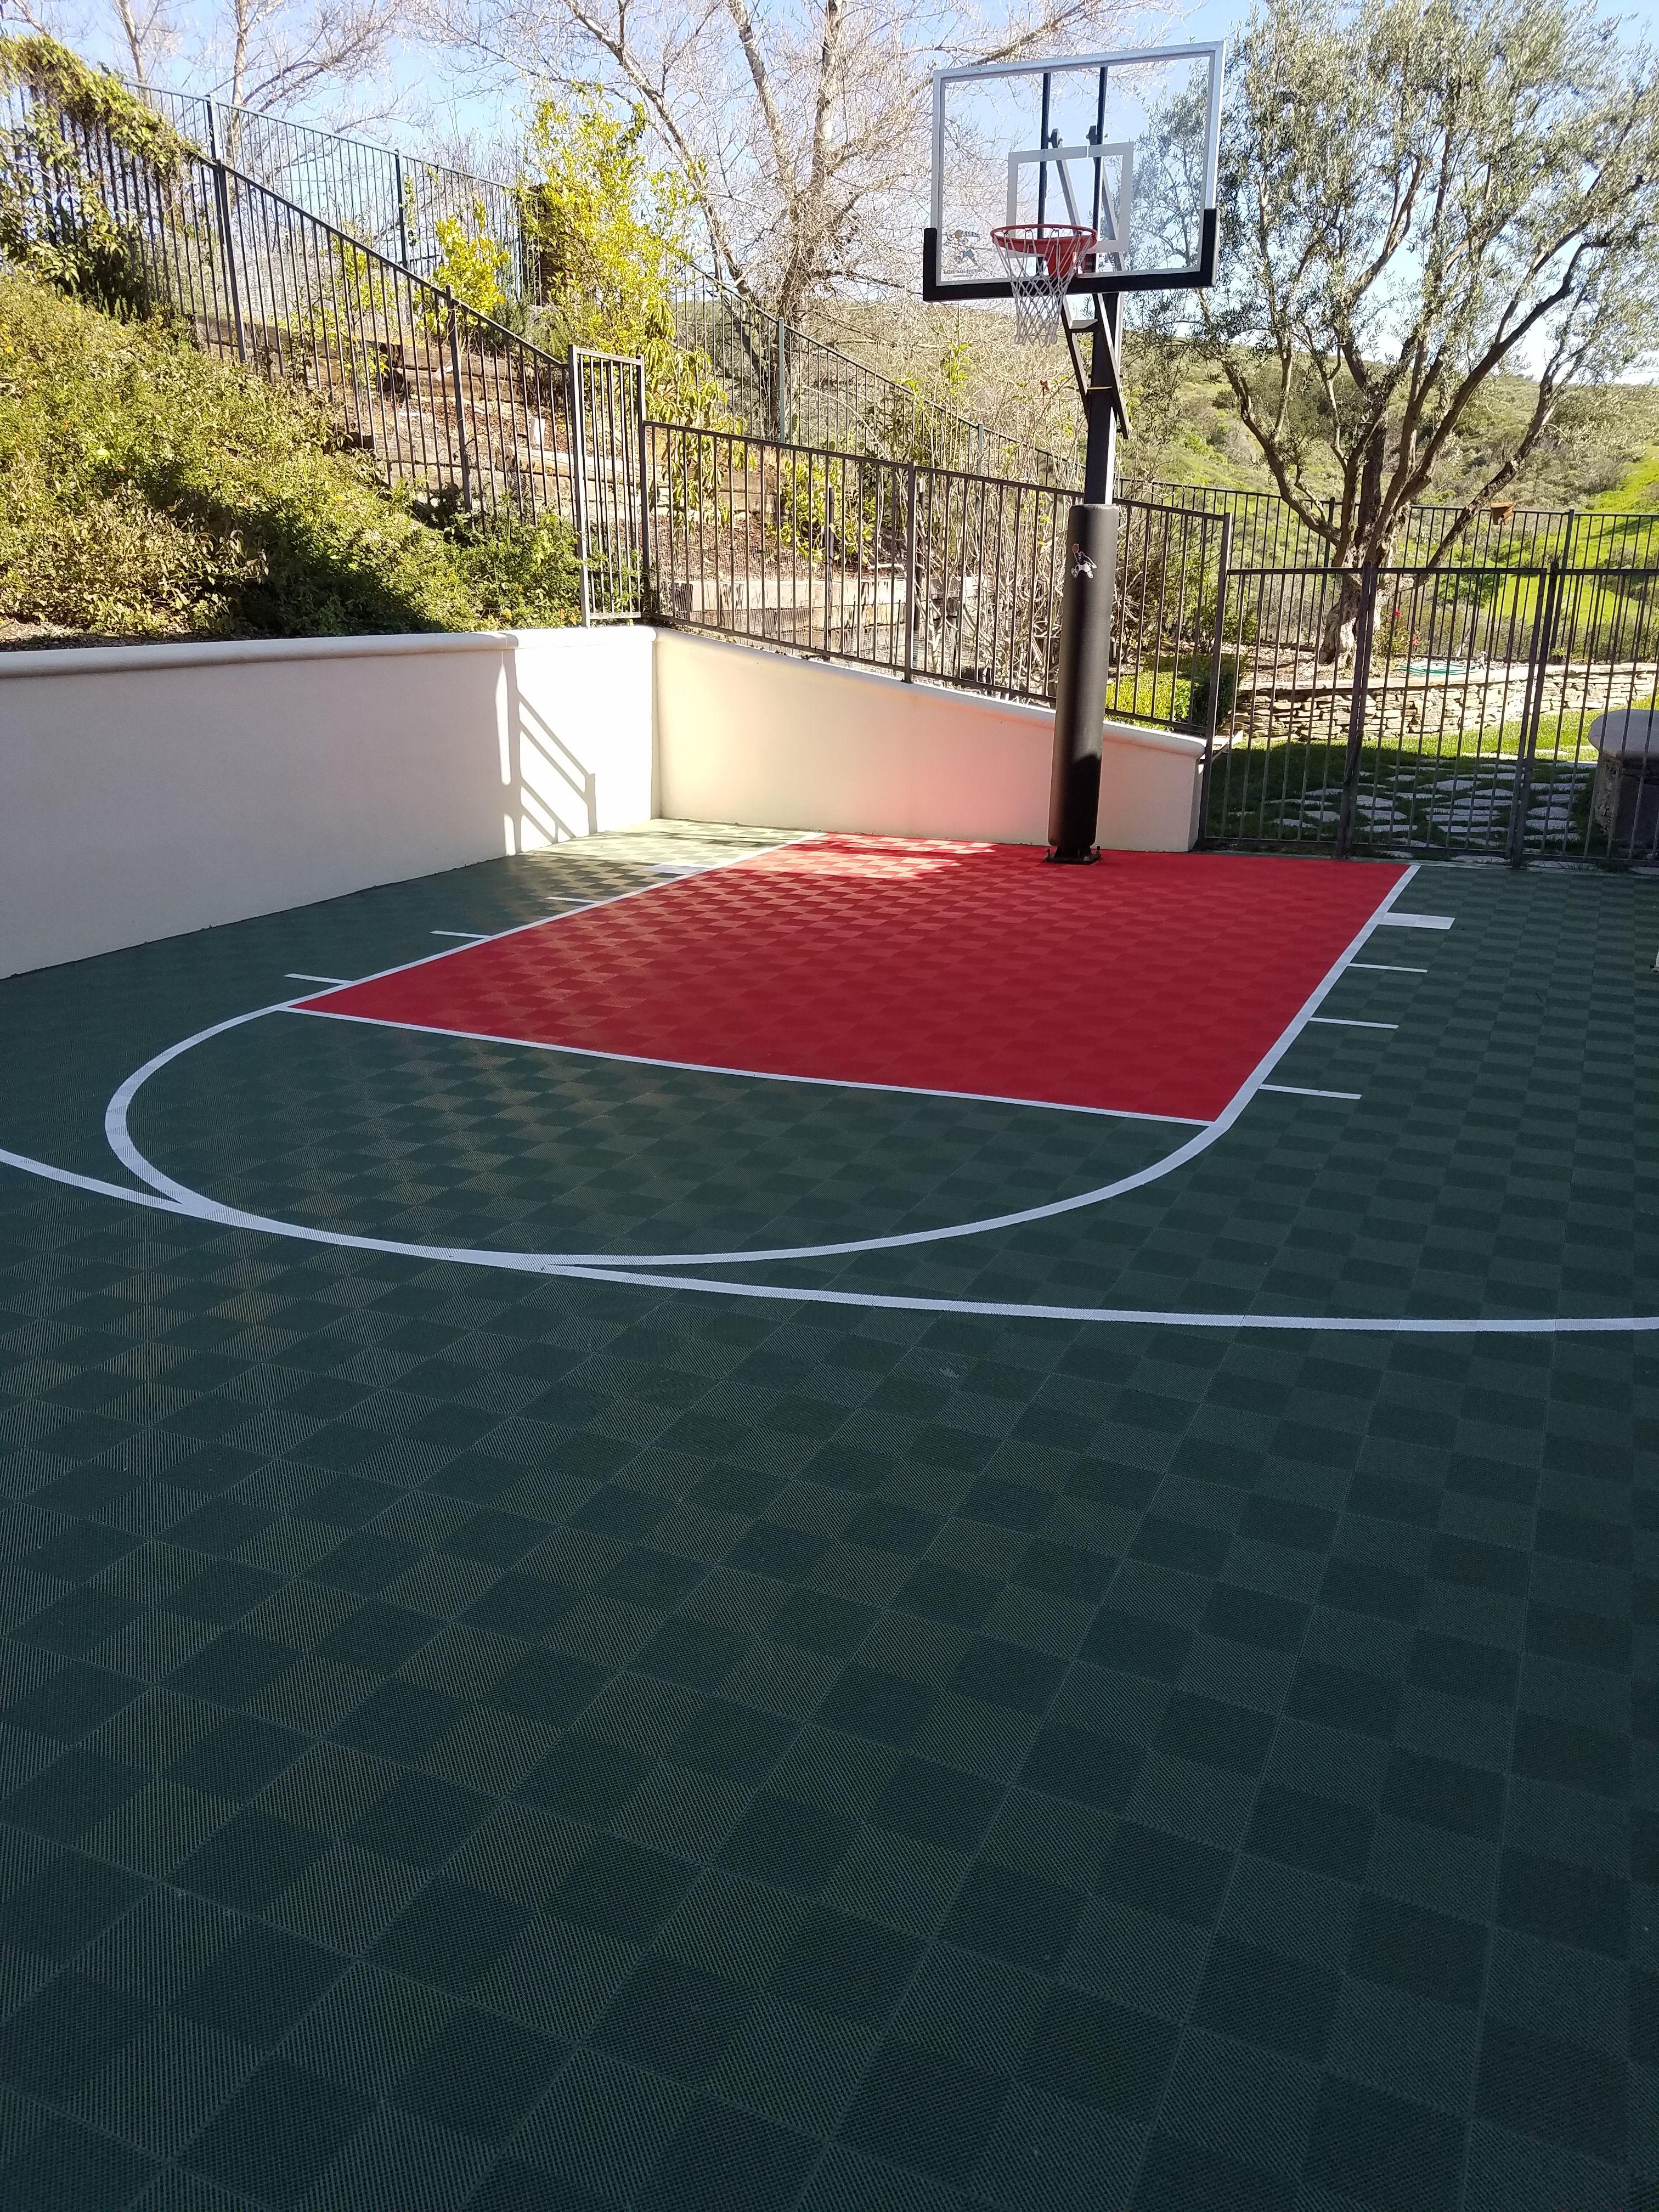 Sport Basketball Court Floor 30x25 Kit Modutile Interlocking Sport Tiles Basketball Court Backyard Backyard Court Backyard Basketball